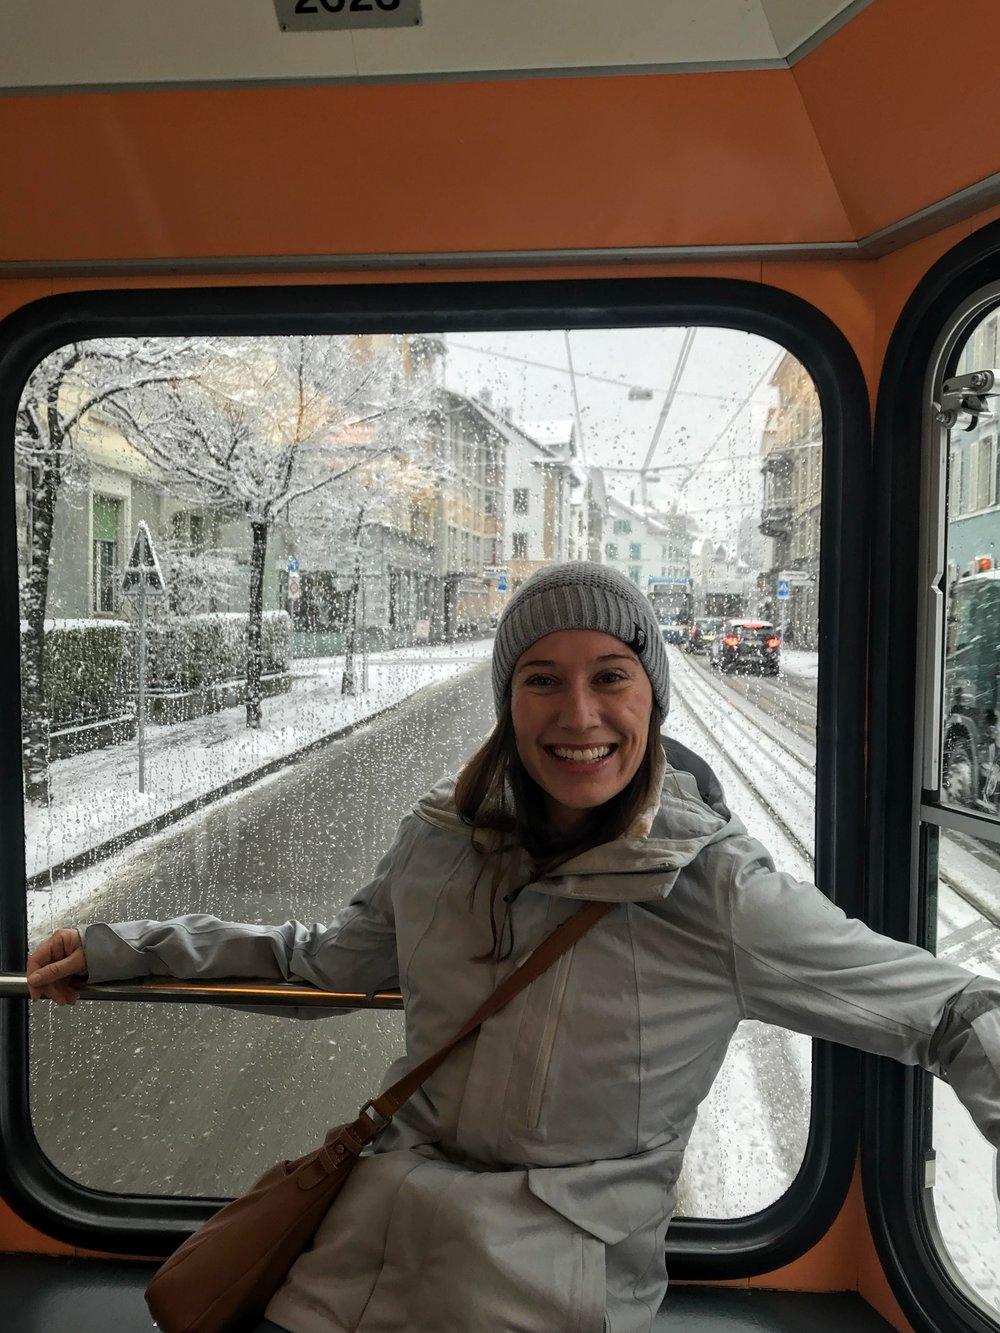 Snowy ride on the Zurich city tram